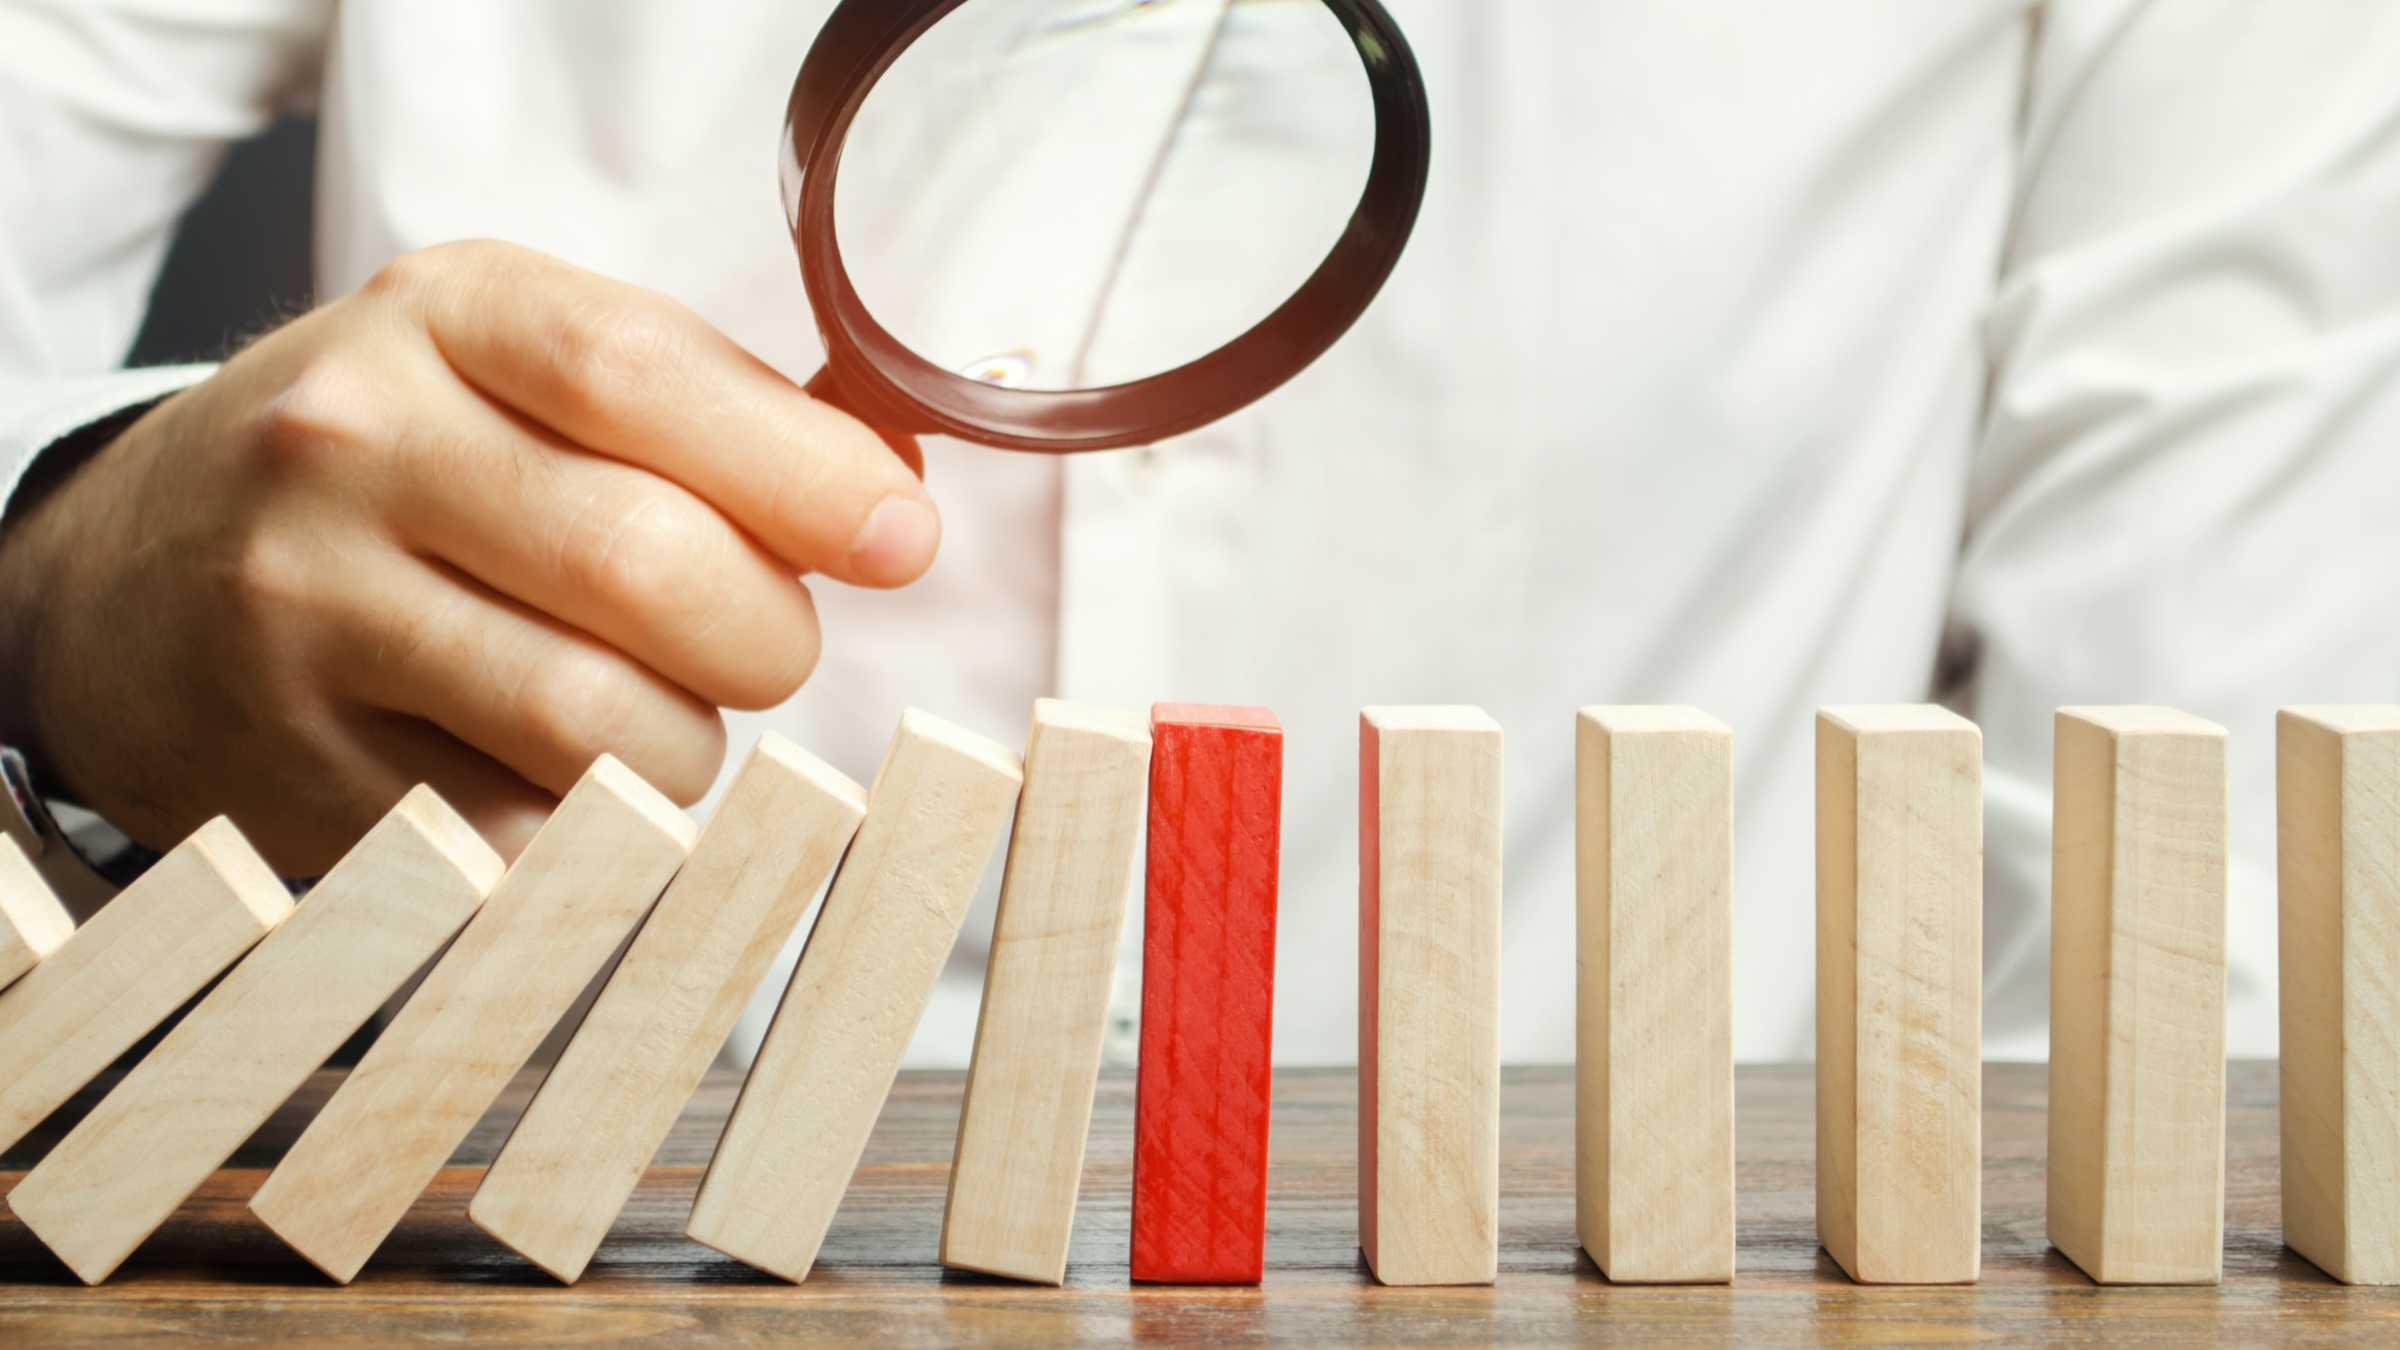 Risiko einer Anlageidee einschätzen können